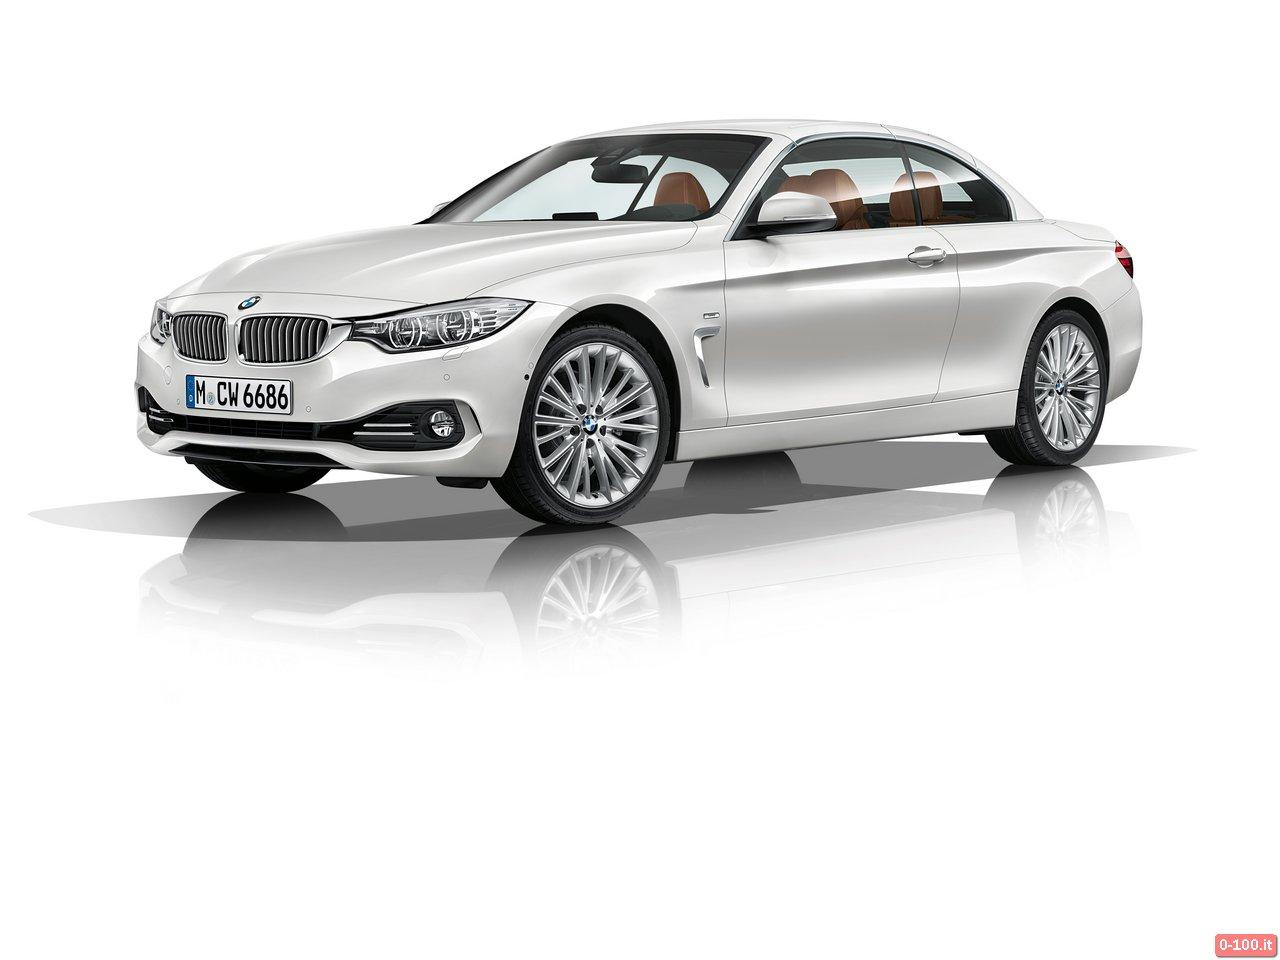 BMW-serie-4-cabrio-420d-428i-435i-cabrio_74